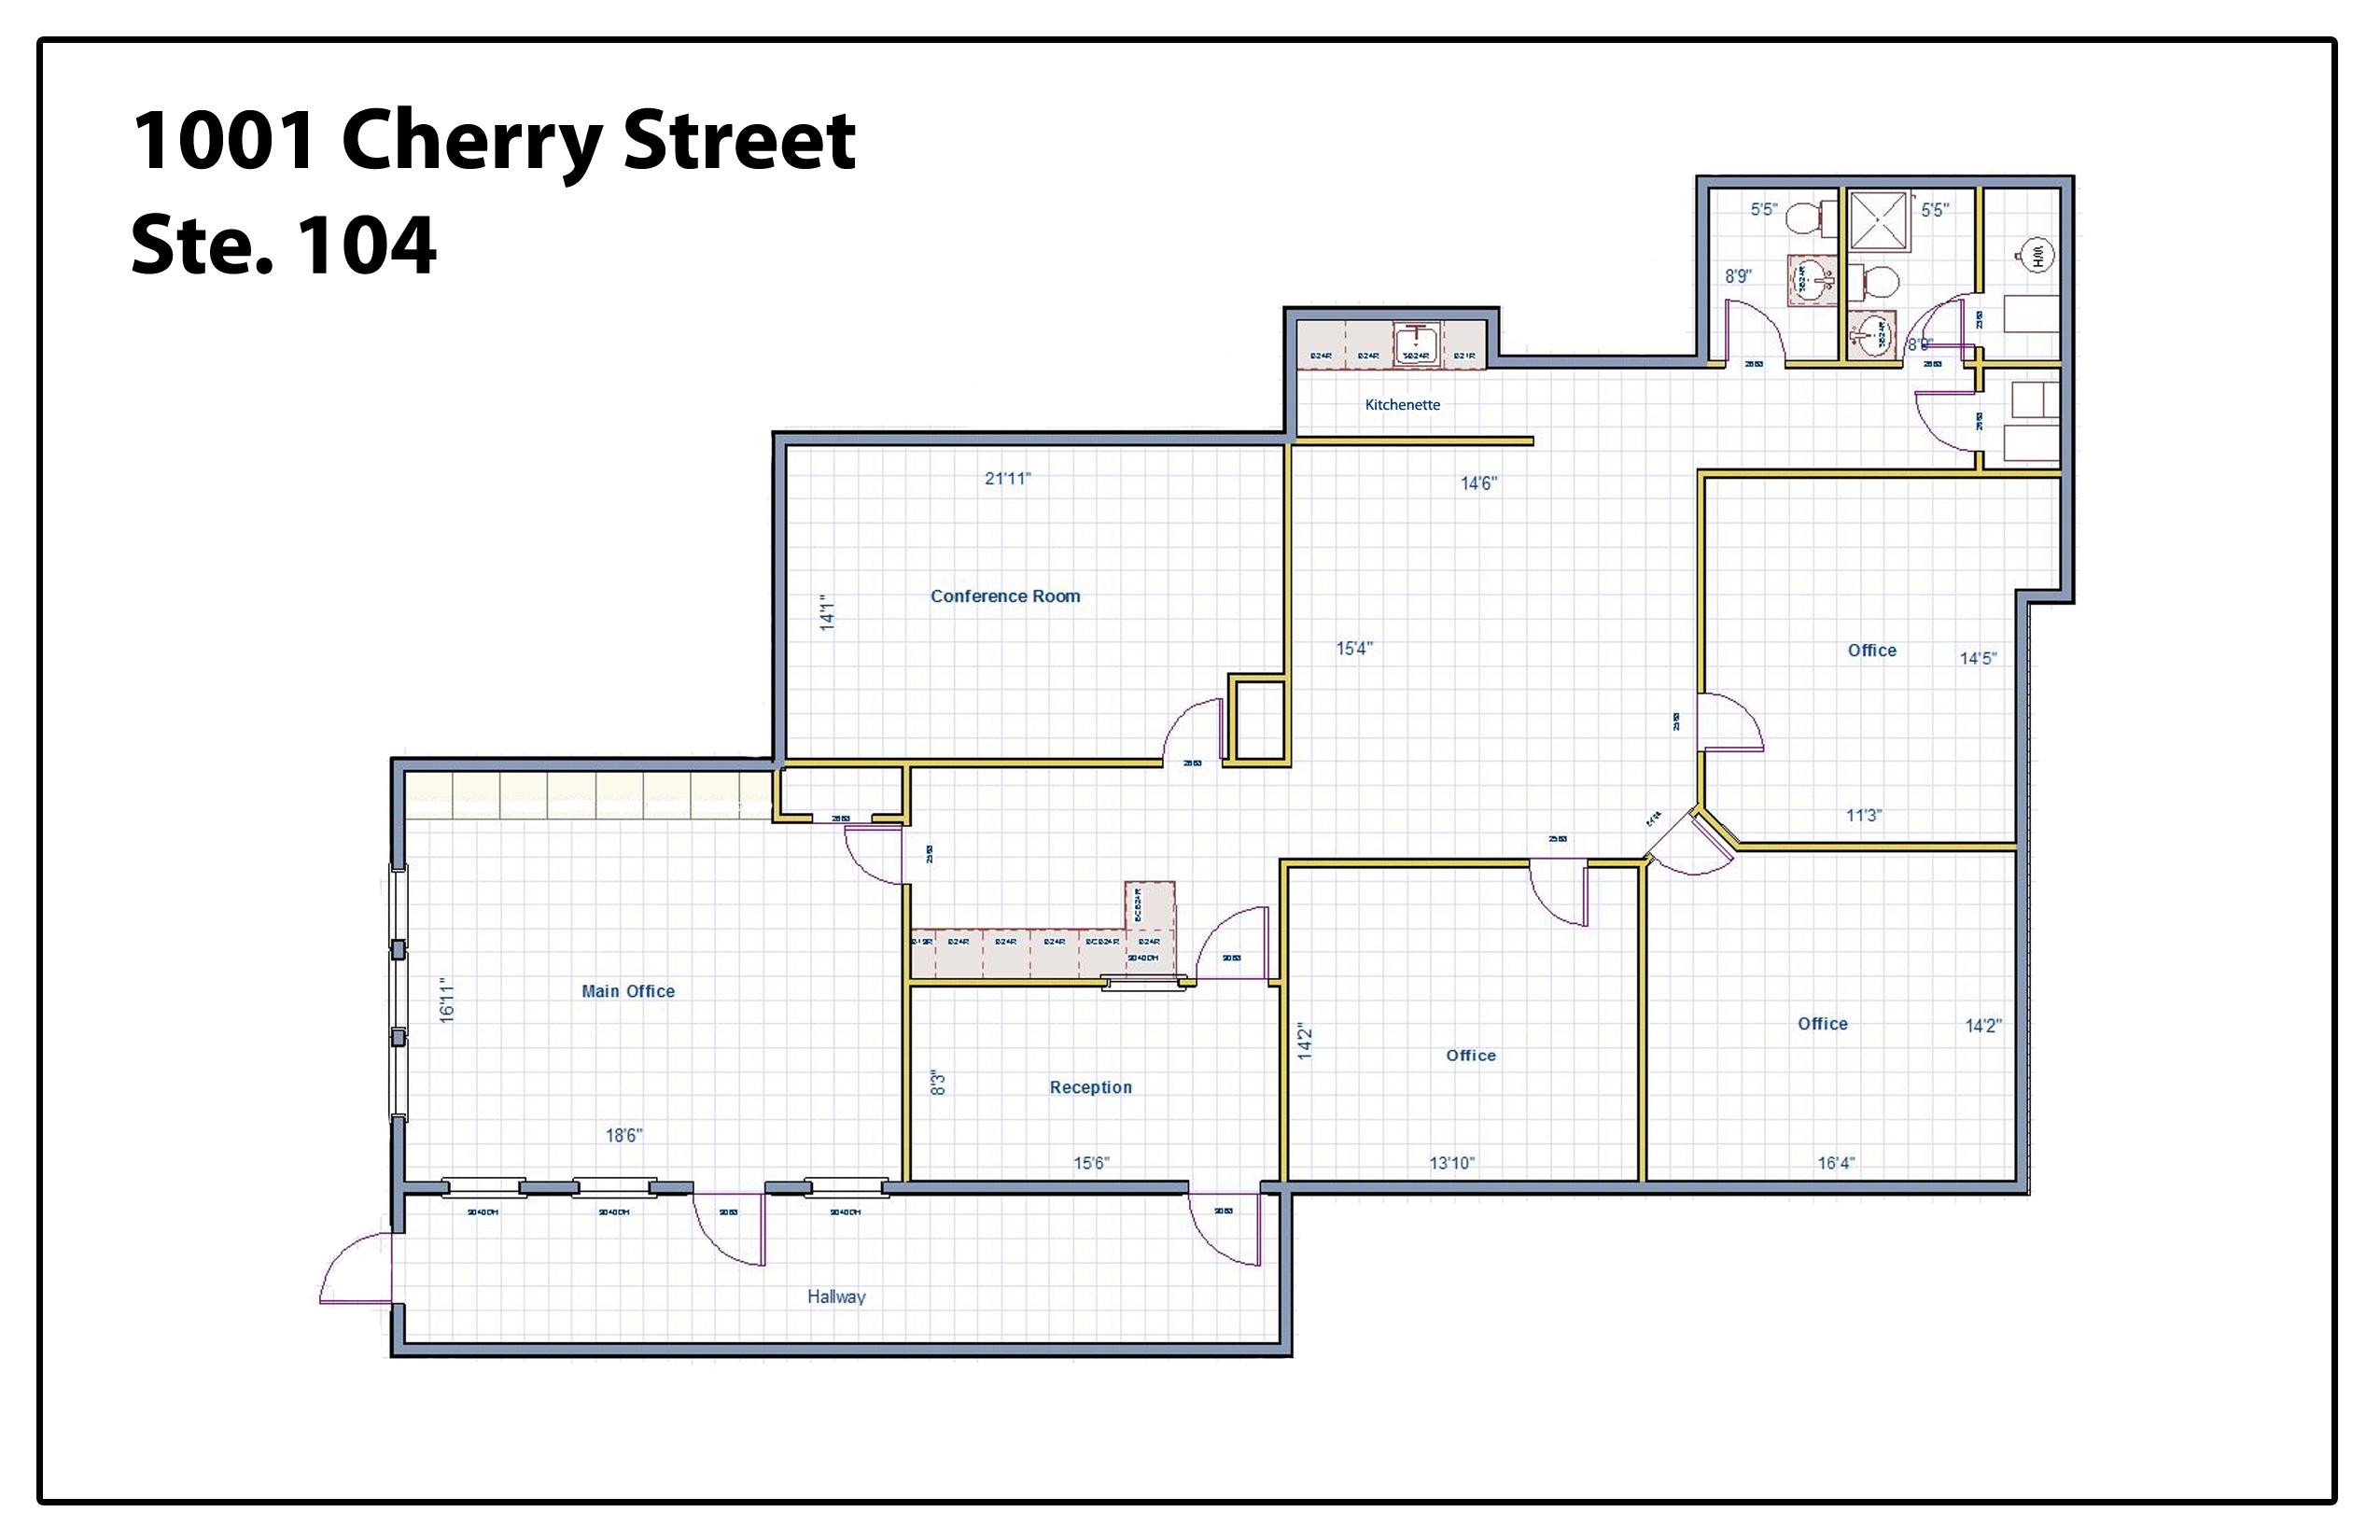 1001 Cherry Street- Suite 104